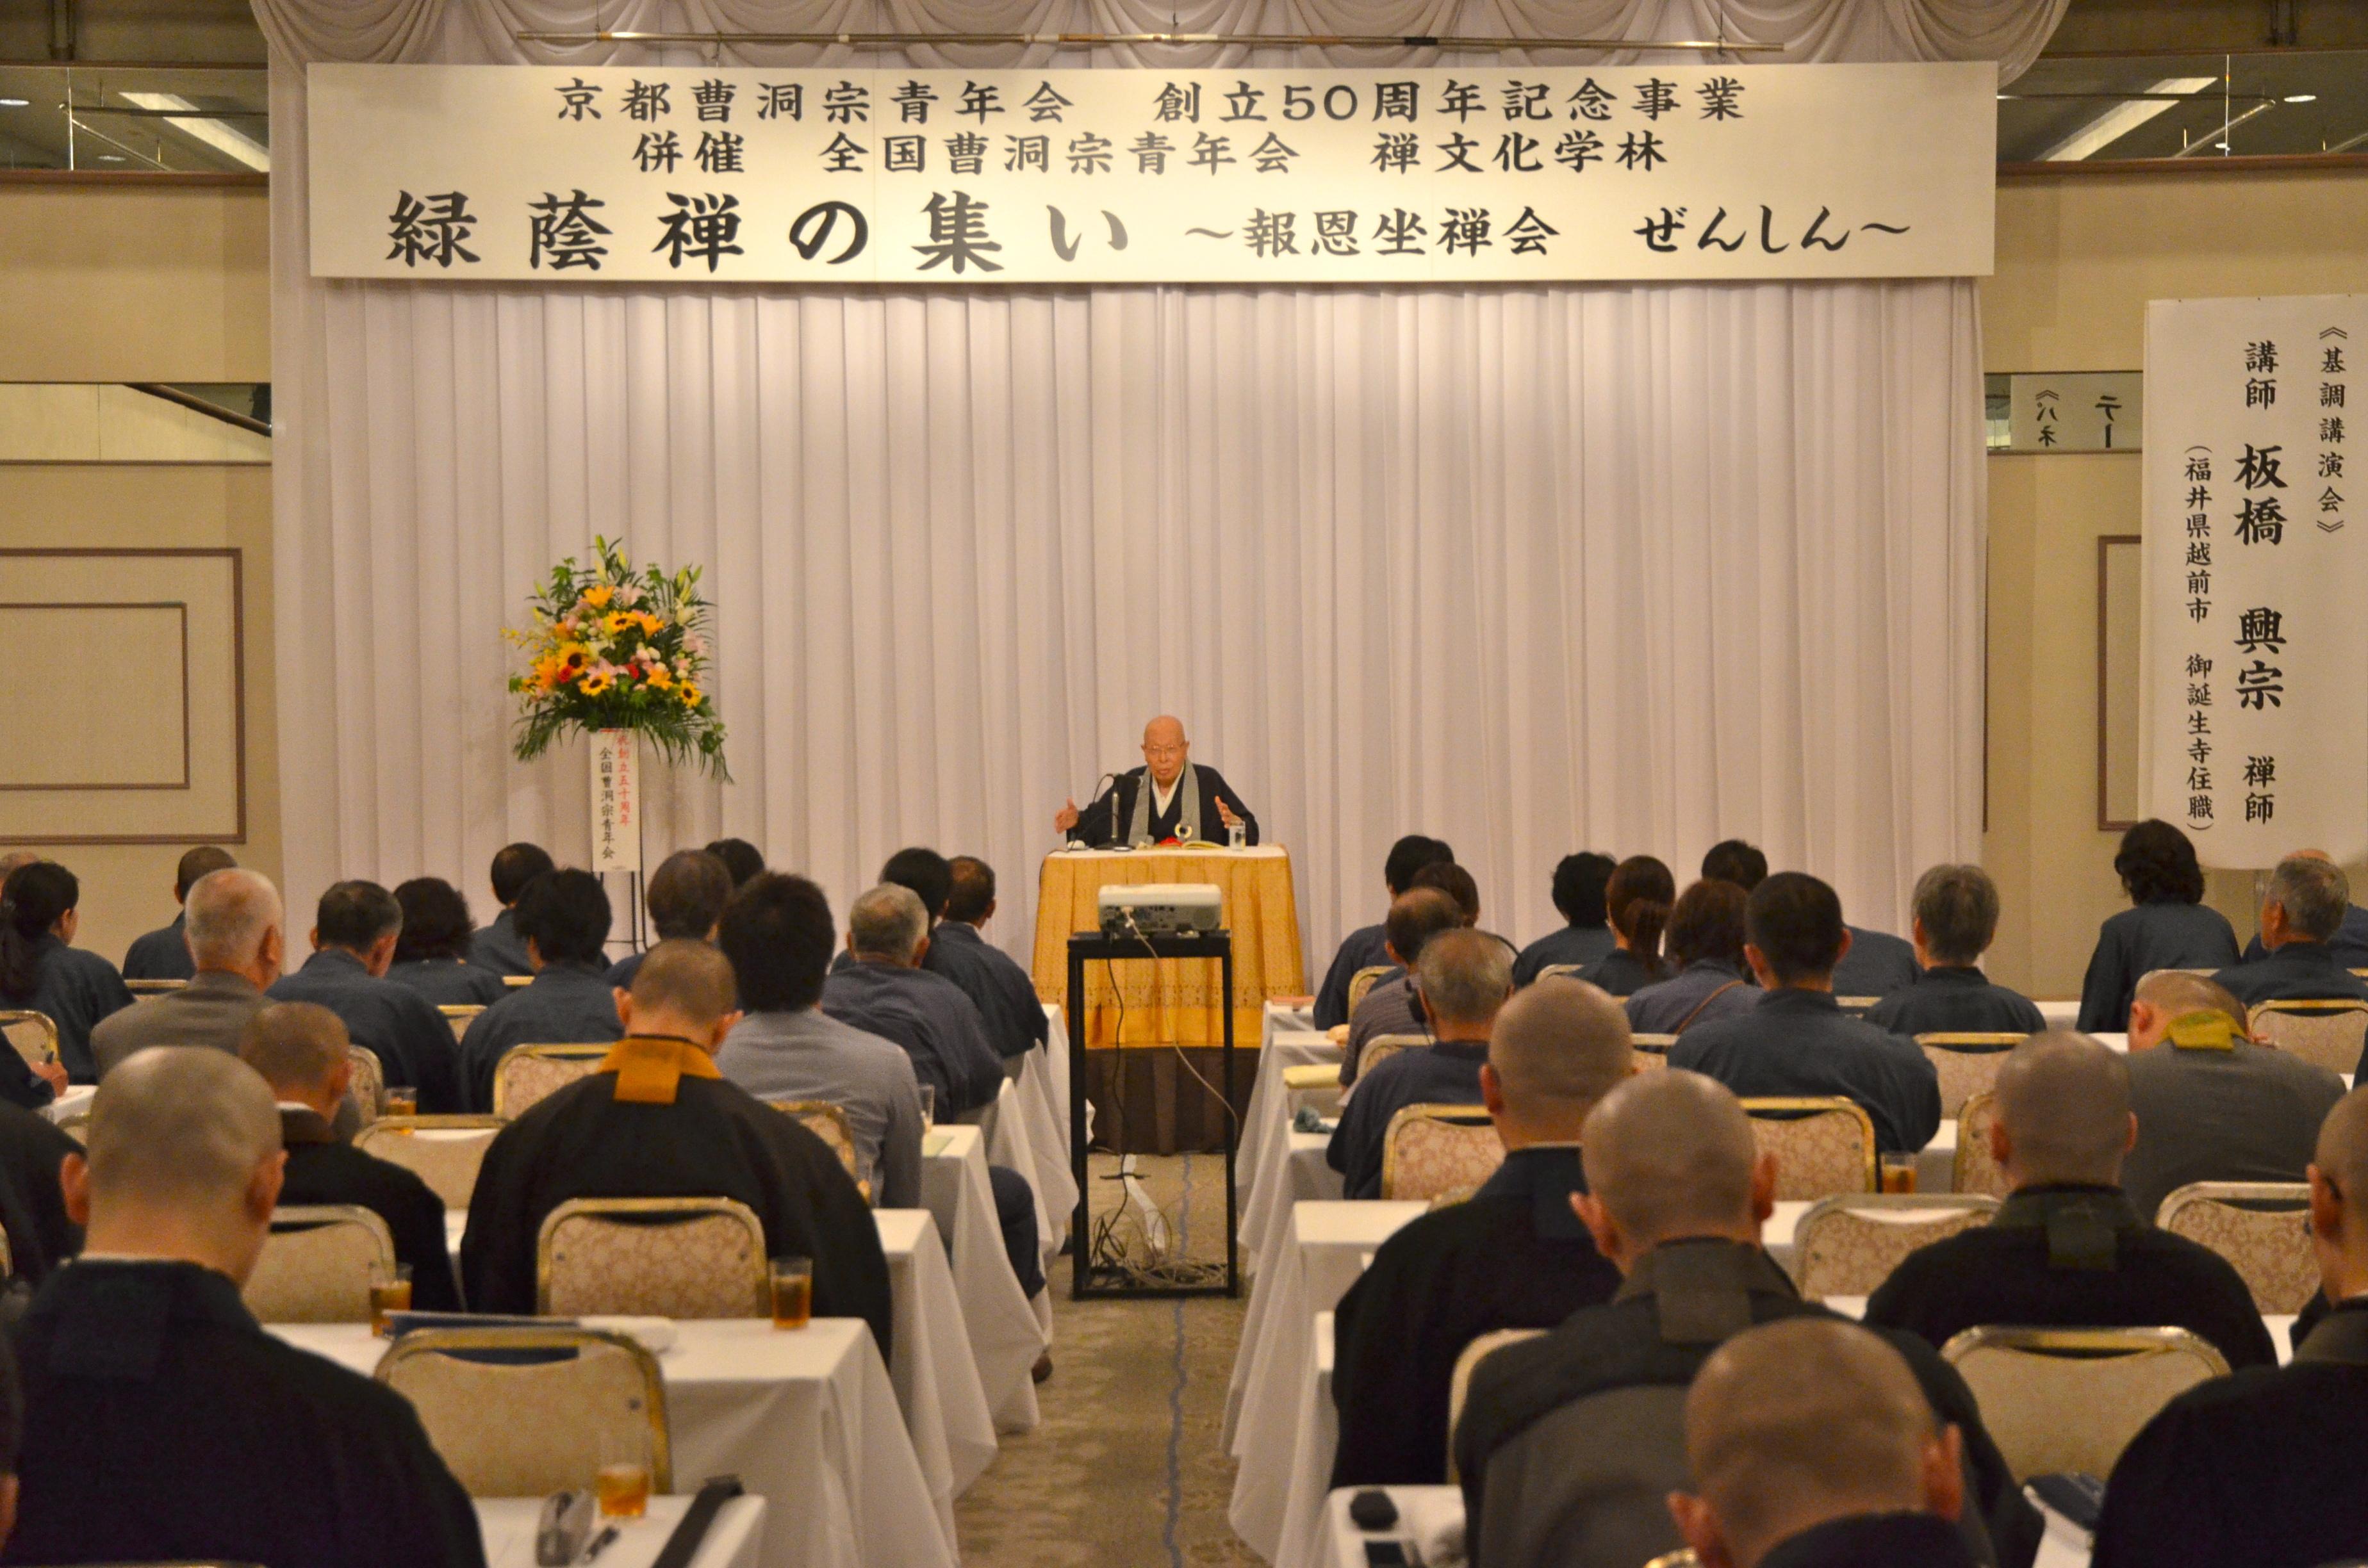 京都曹洞宗青年会創立50周年記念事業併催「平成24年度禅文化学林」報告